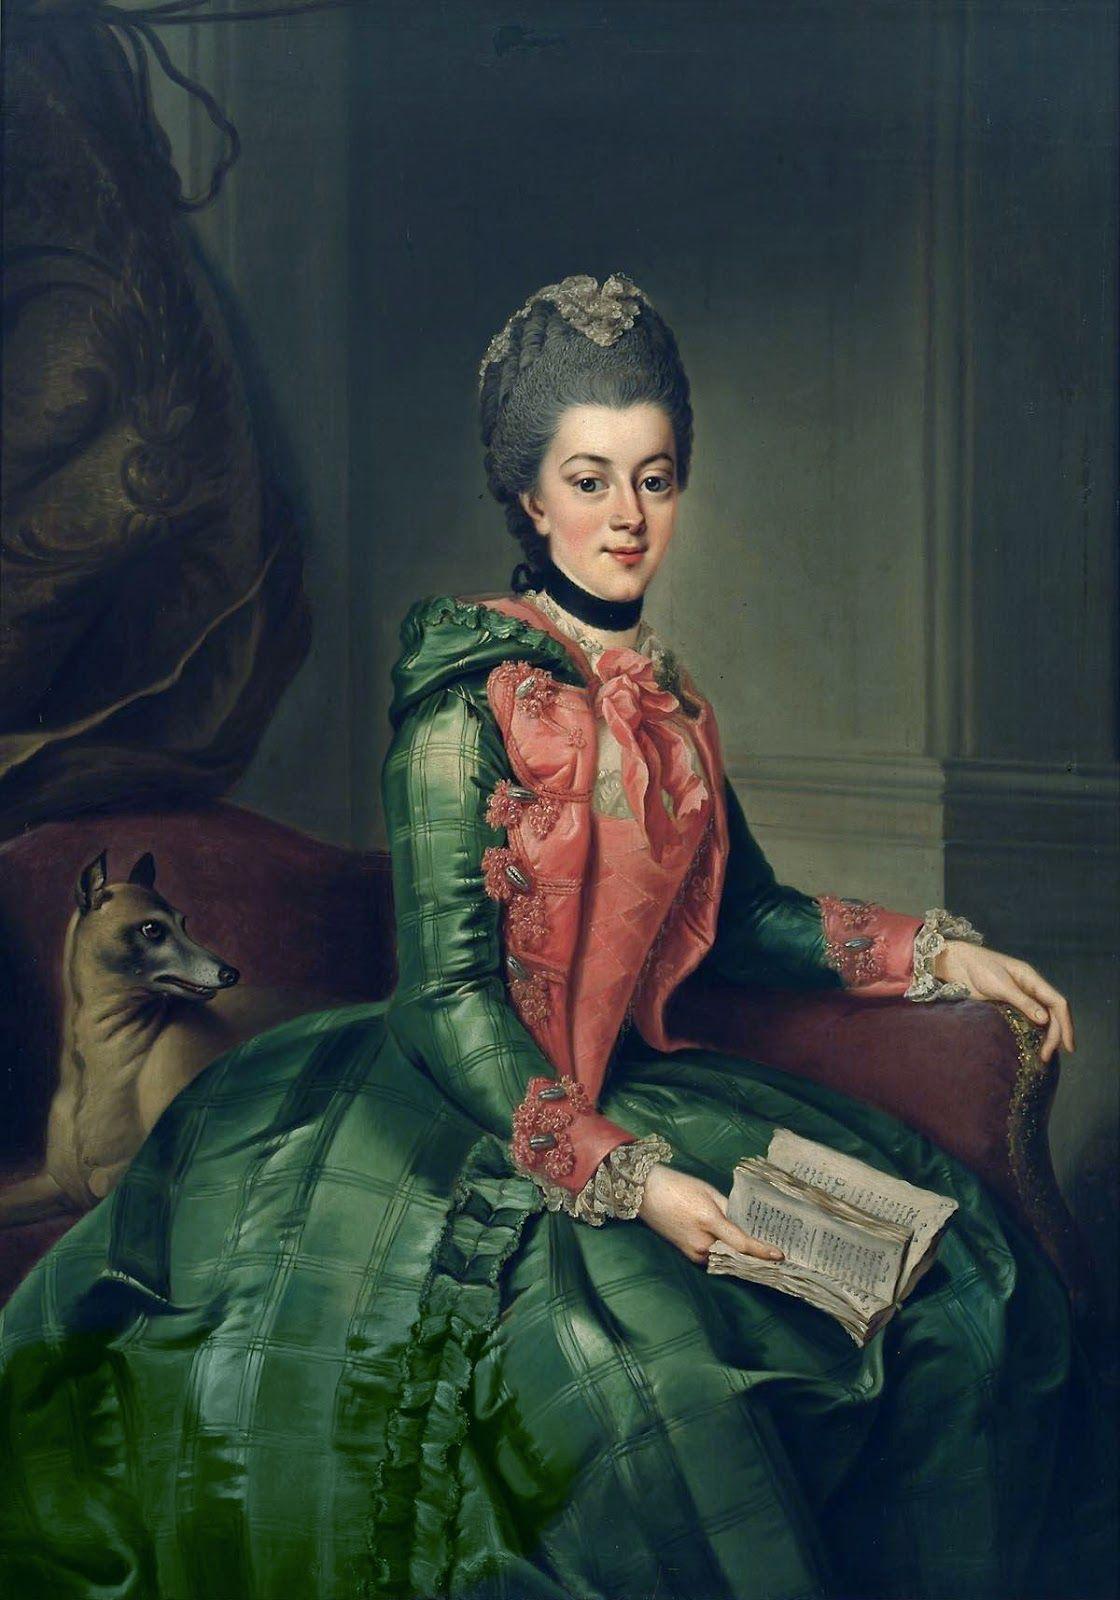 Princess Frederika Sophia Wilhelmina of Orange by Johann Georg Ziesenis, 1768-69 (Thanks to Isiswardrobe) - what an AWESOME brunswick Vintage Outfits, Vintagemode, Haag, Victorianske Kjoler, 18. Århundrede, Søde Billeder, Prinsesse